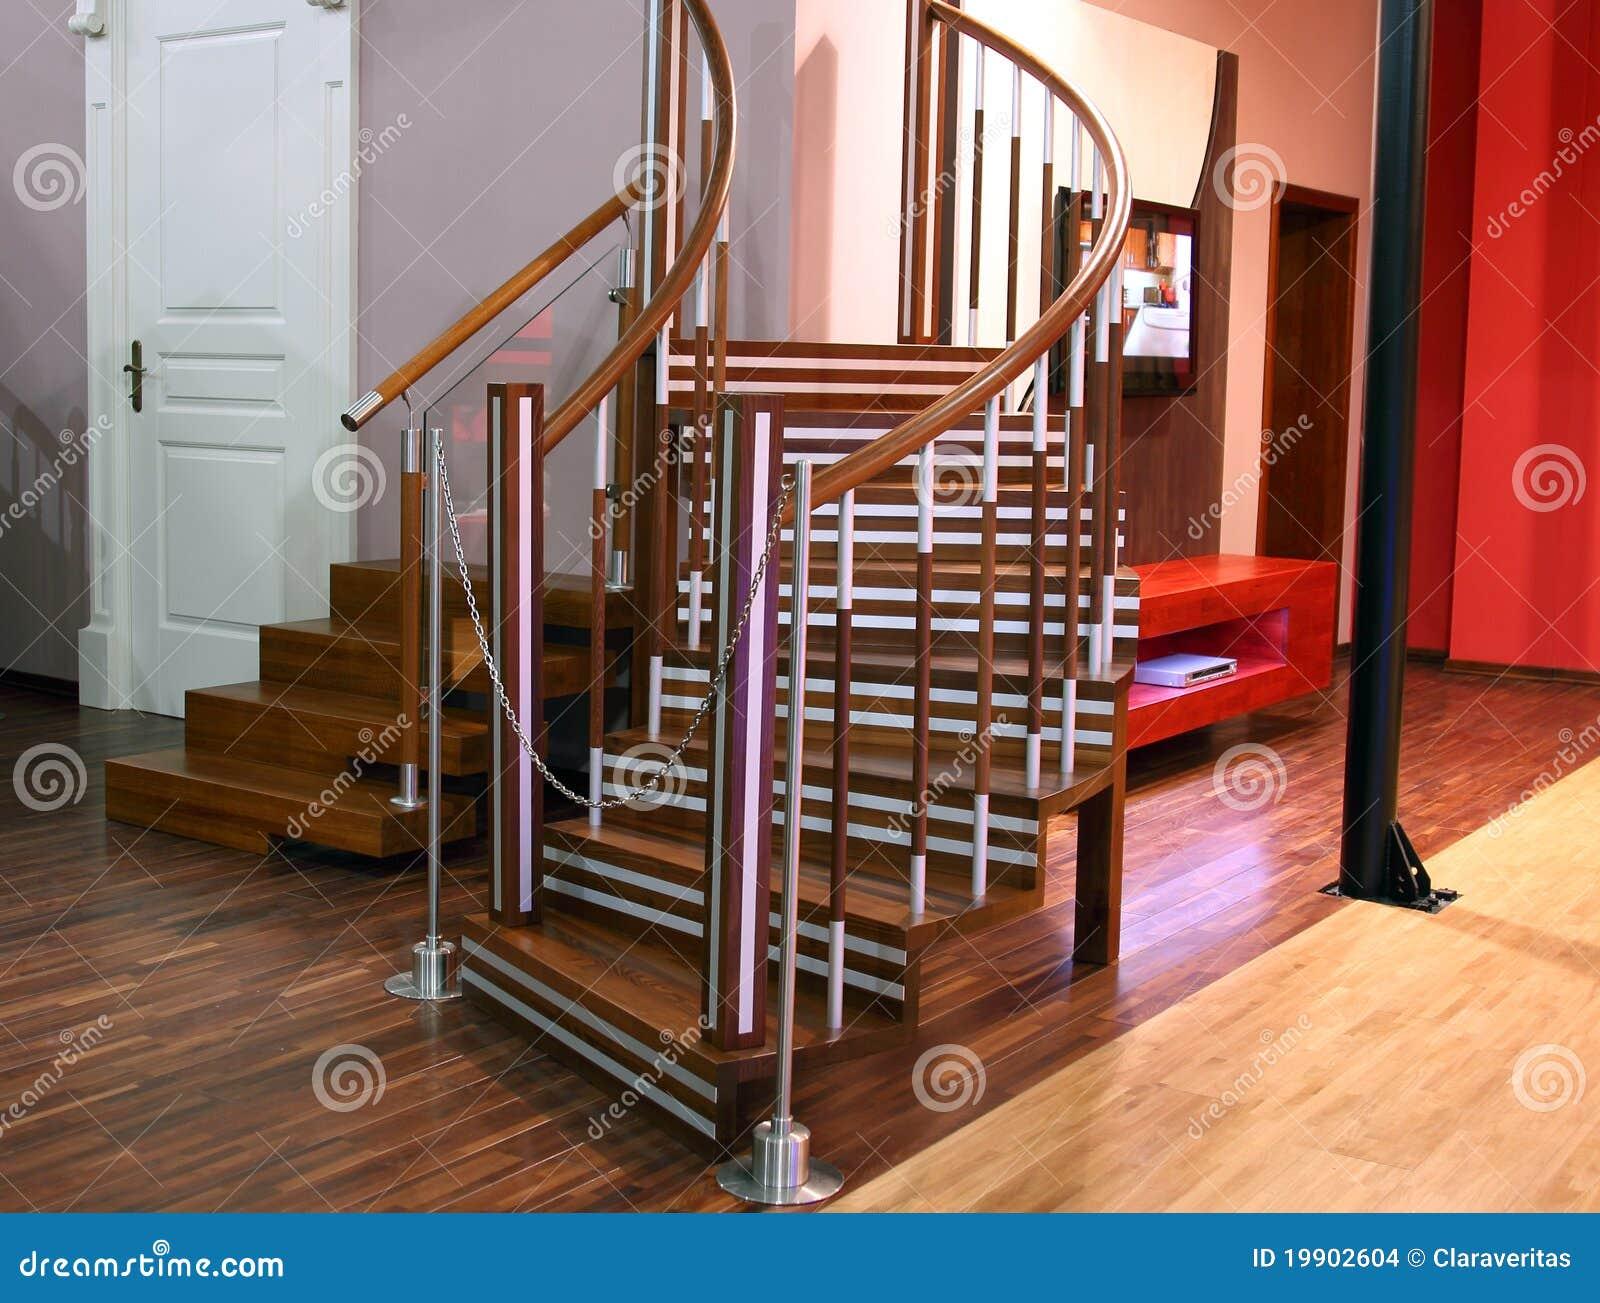 Escaleras Modernas Para La Sala De Estar Imagenes de archivo - Imagen ...